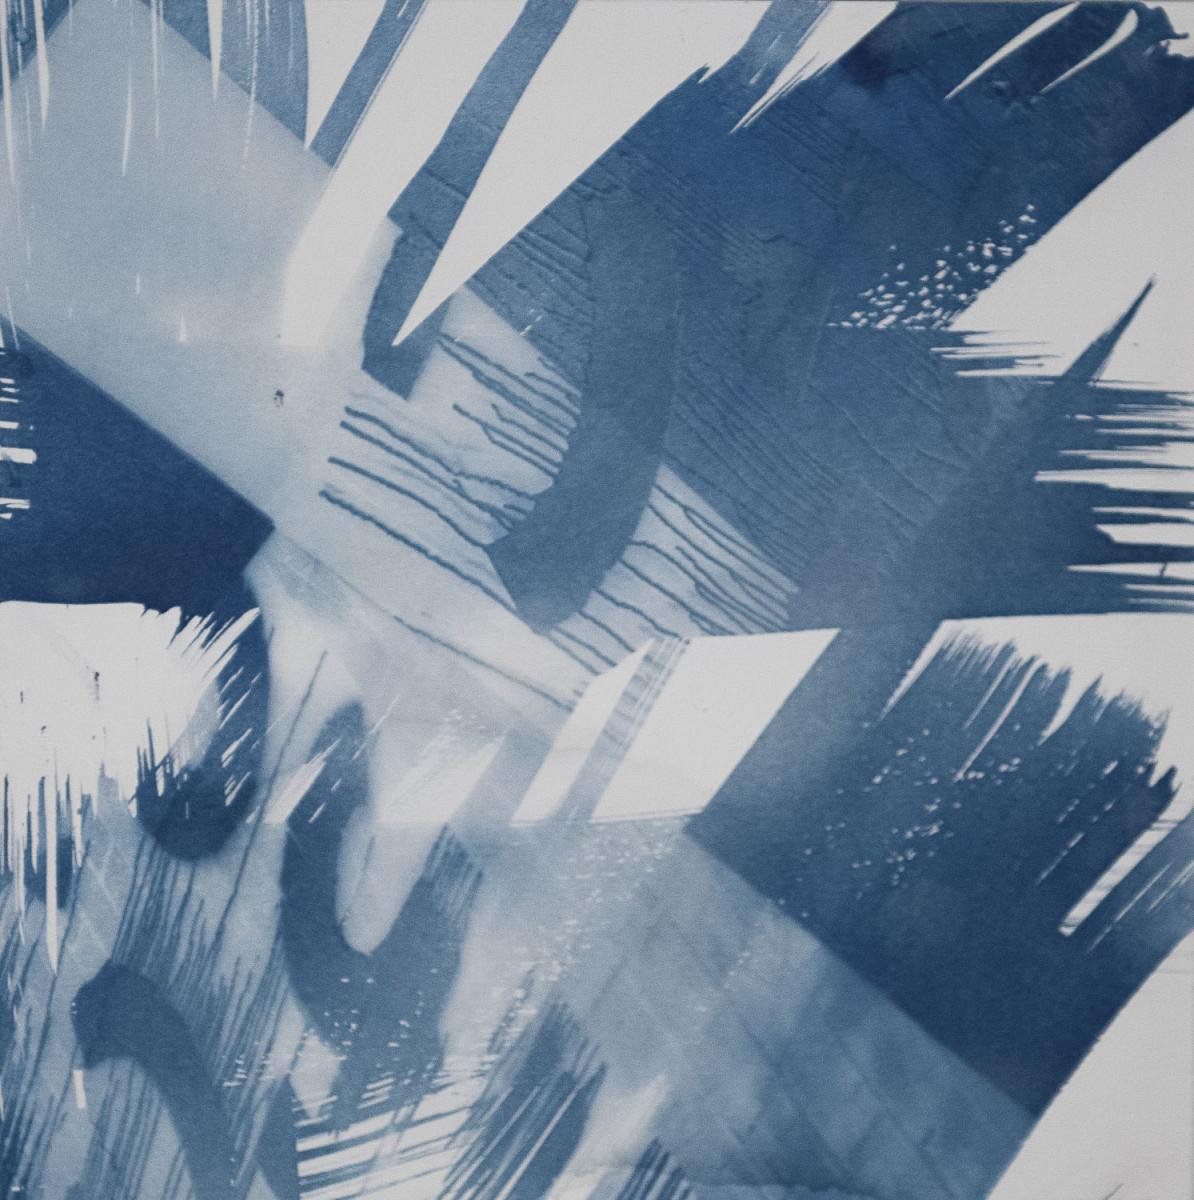 Angles by Karen Johanson